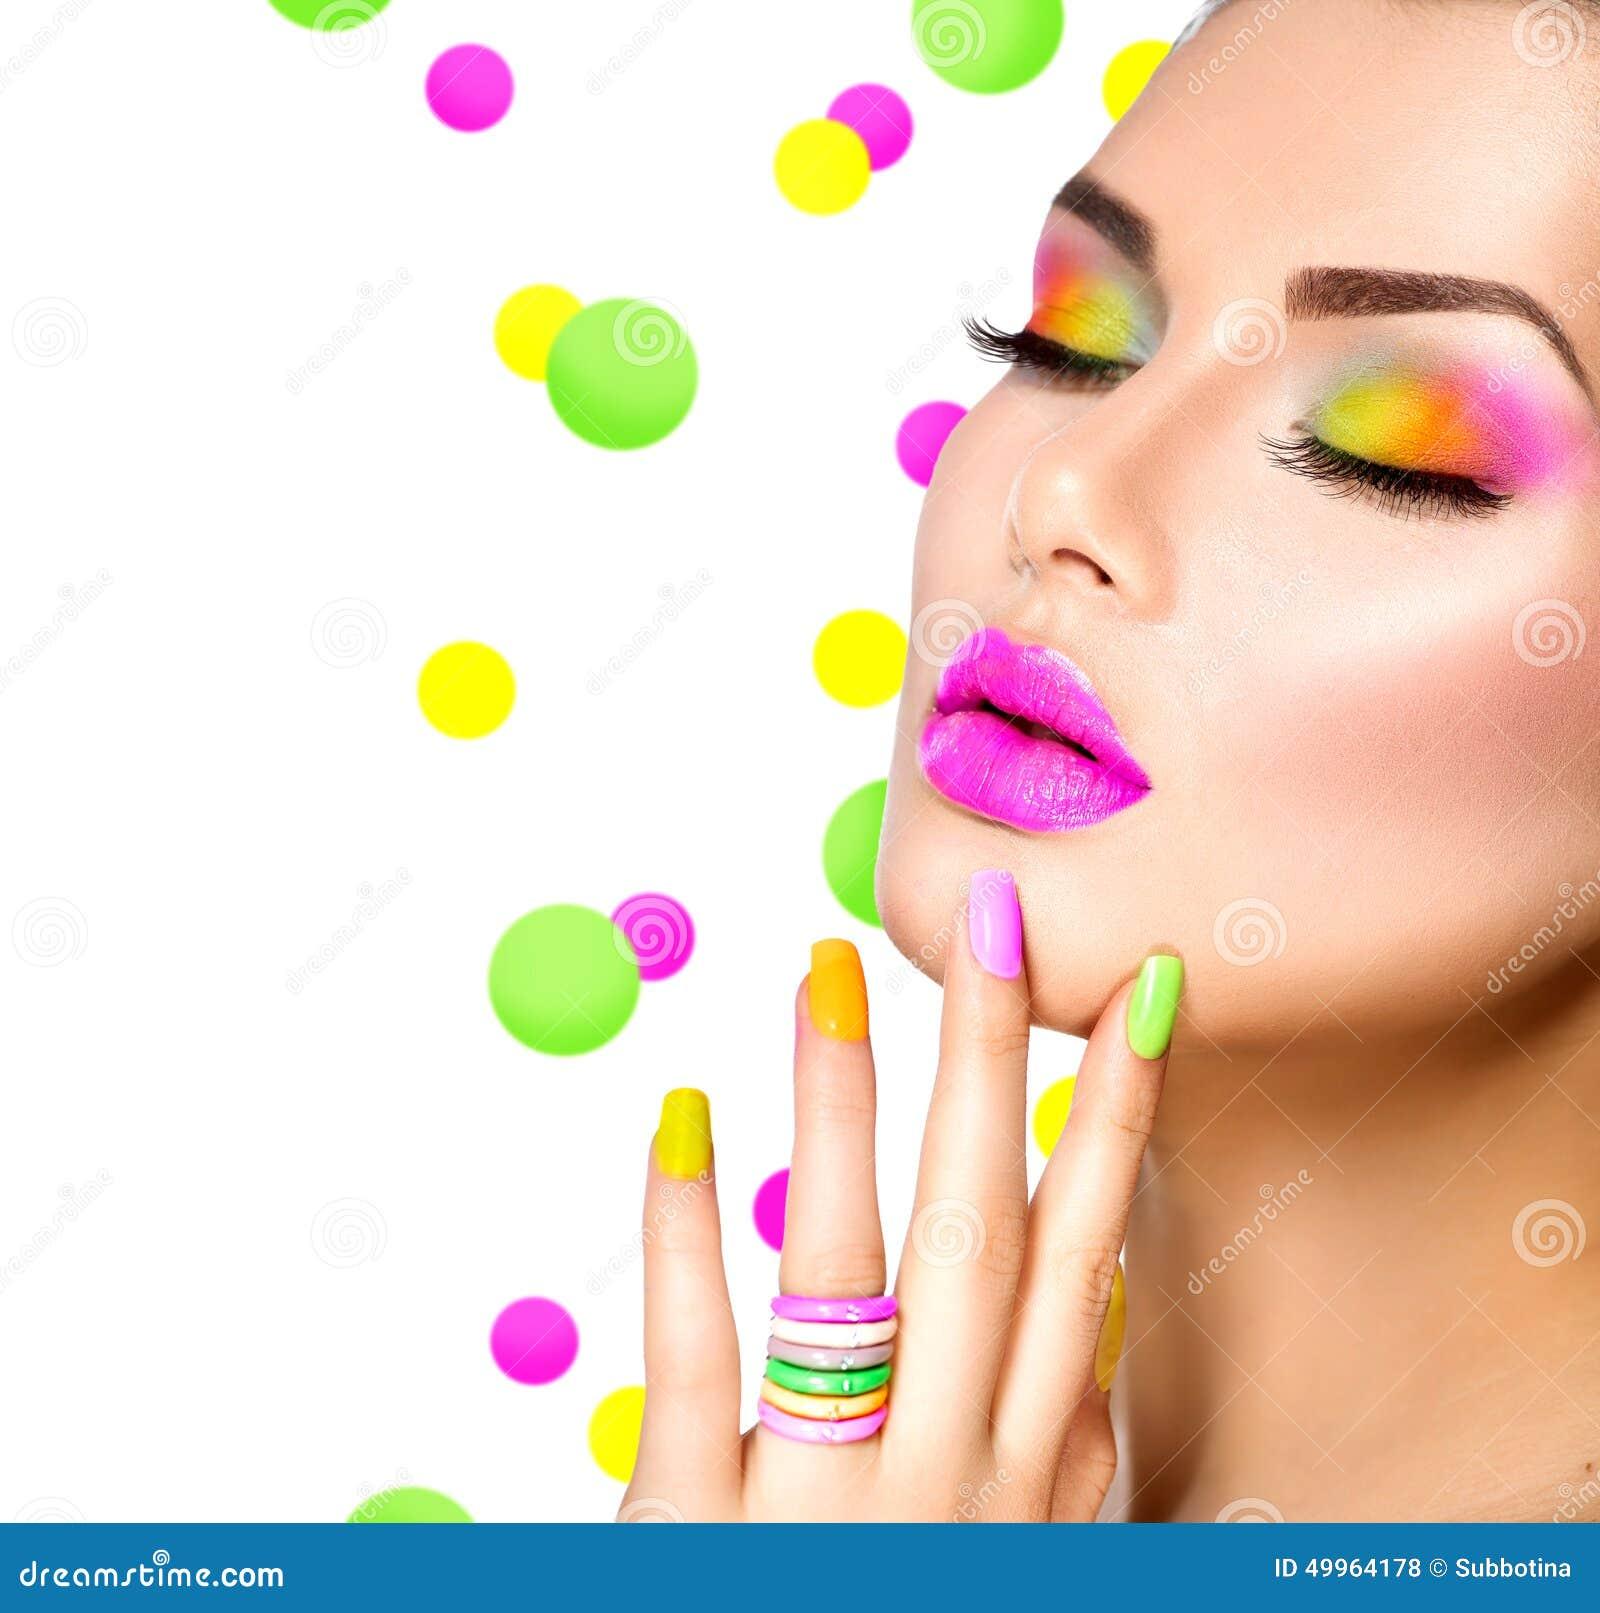 Muchacha de la belleza con maquillaje colorido